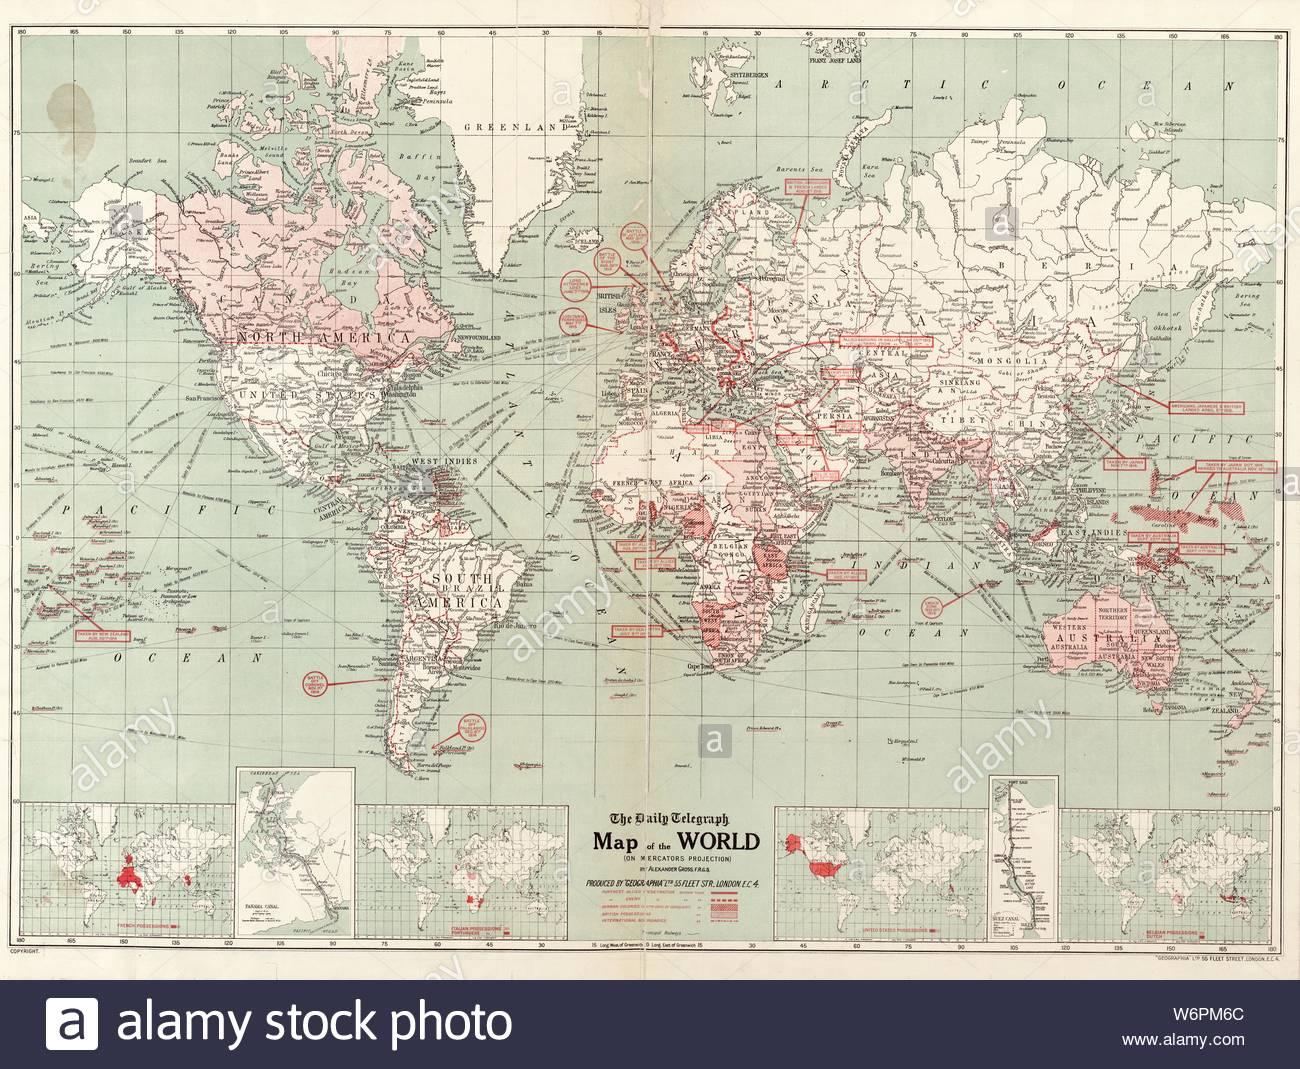 Digital Old World Map Printable Download. Vintage World Map